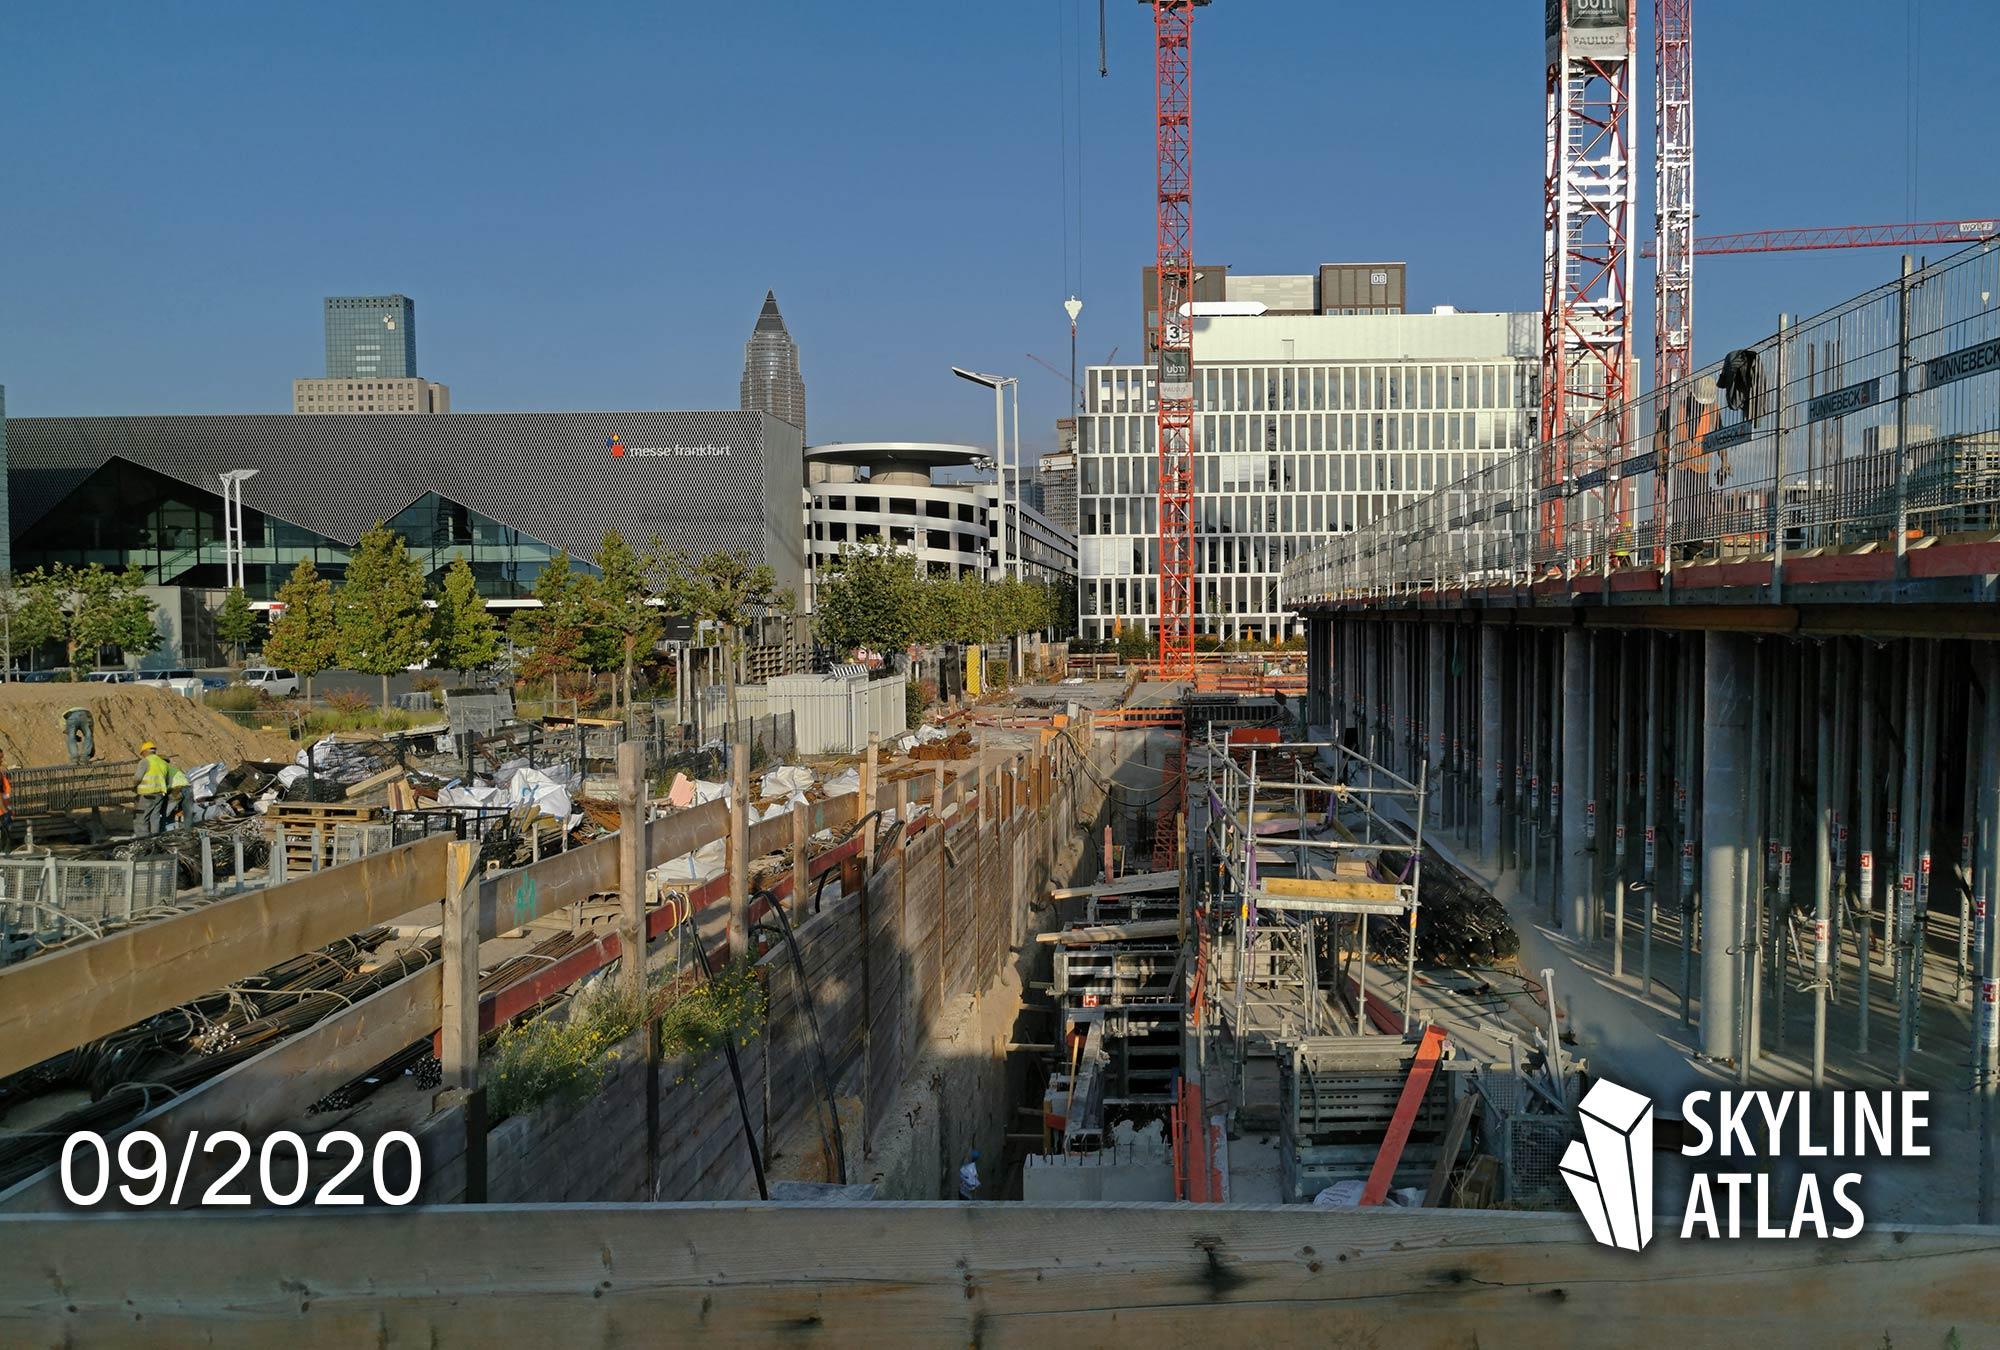 FAZ Tower Hochhaus Frankfurt - Baufortschritt 09/2020 - Europaviertel Neubau